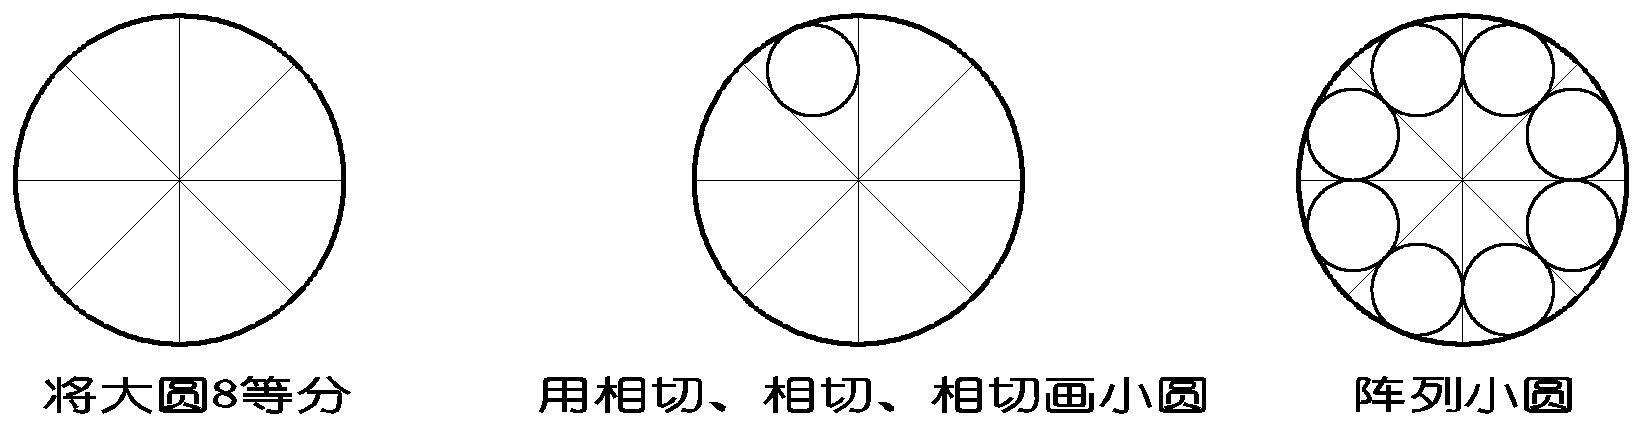 怎么在圆外画六个小圆